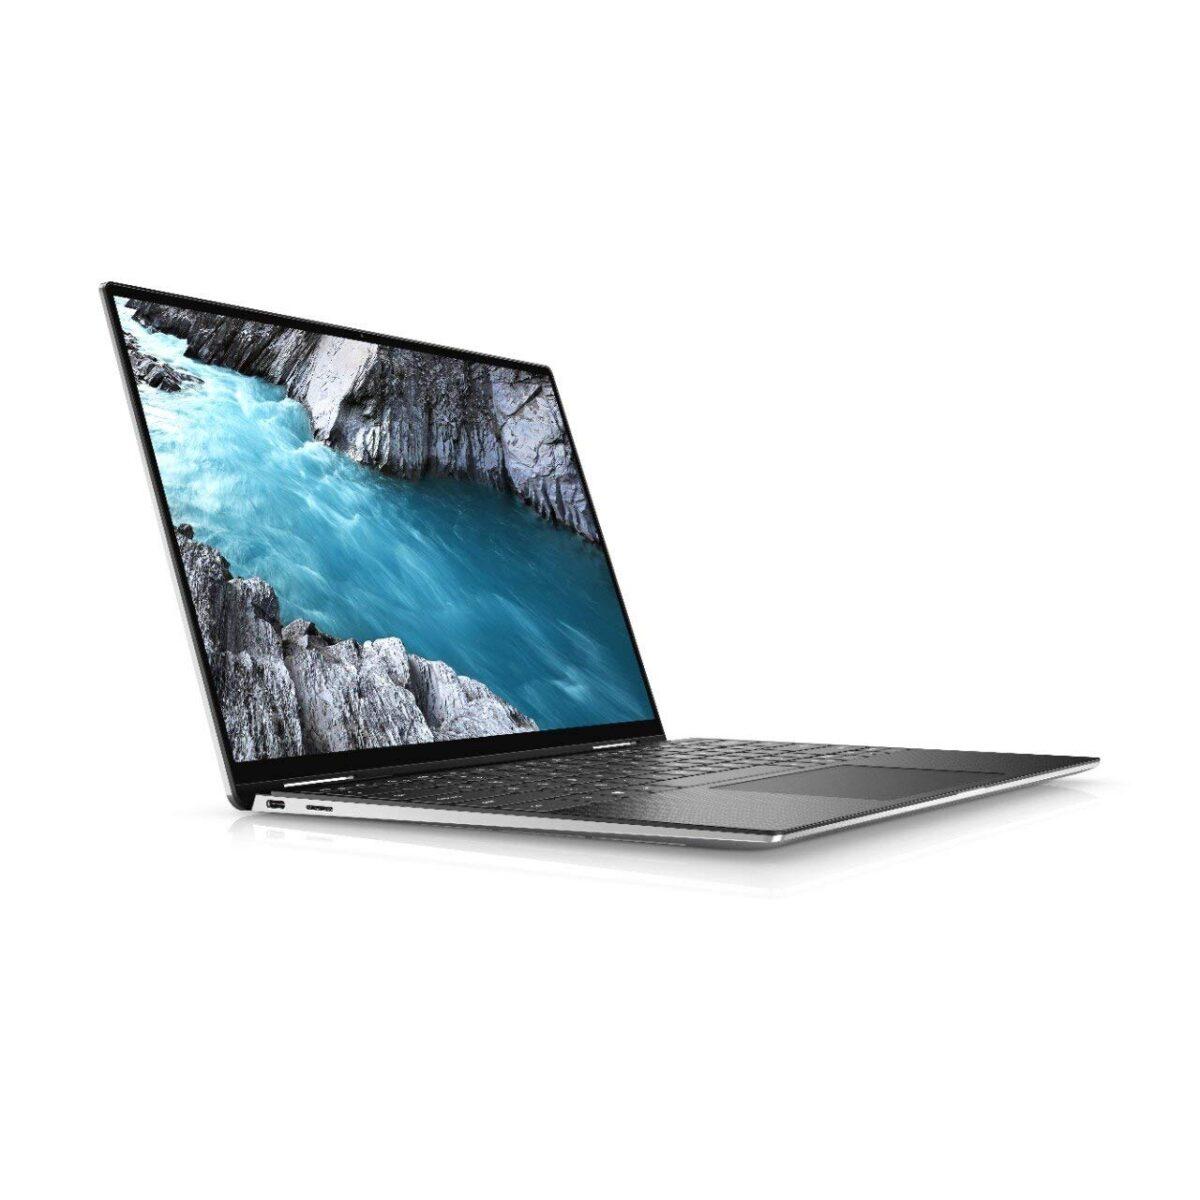 Dell XPS 13. O teste completo você vê em https://bit.ly/3fNky9V. - Foto: Divulgação/33Giga/ND